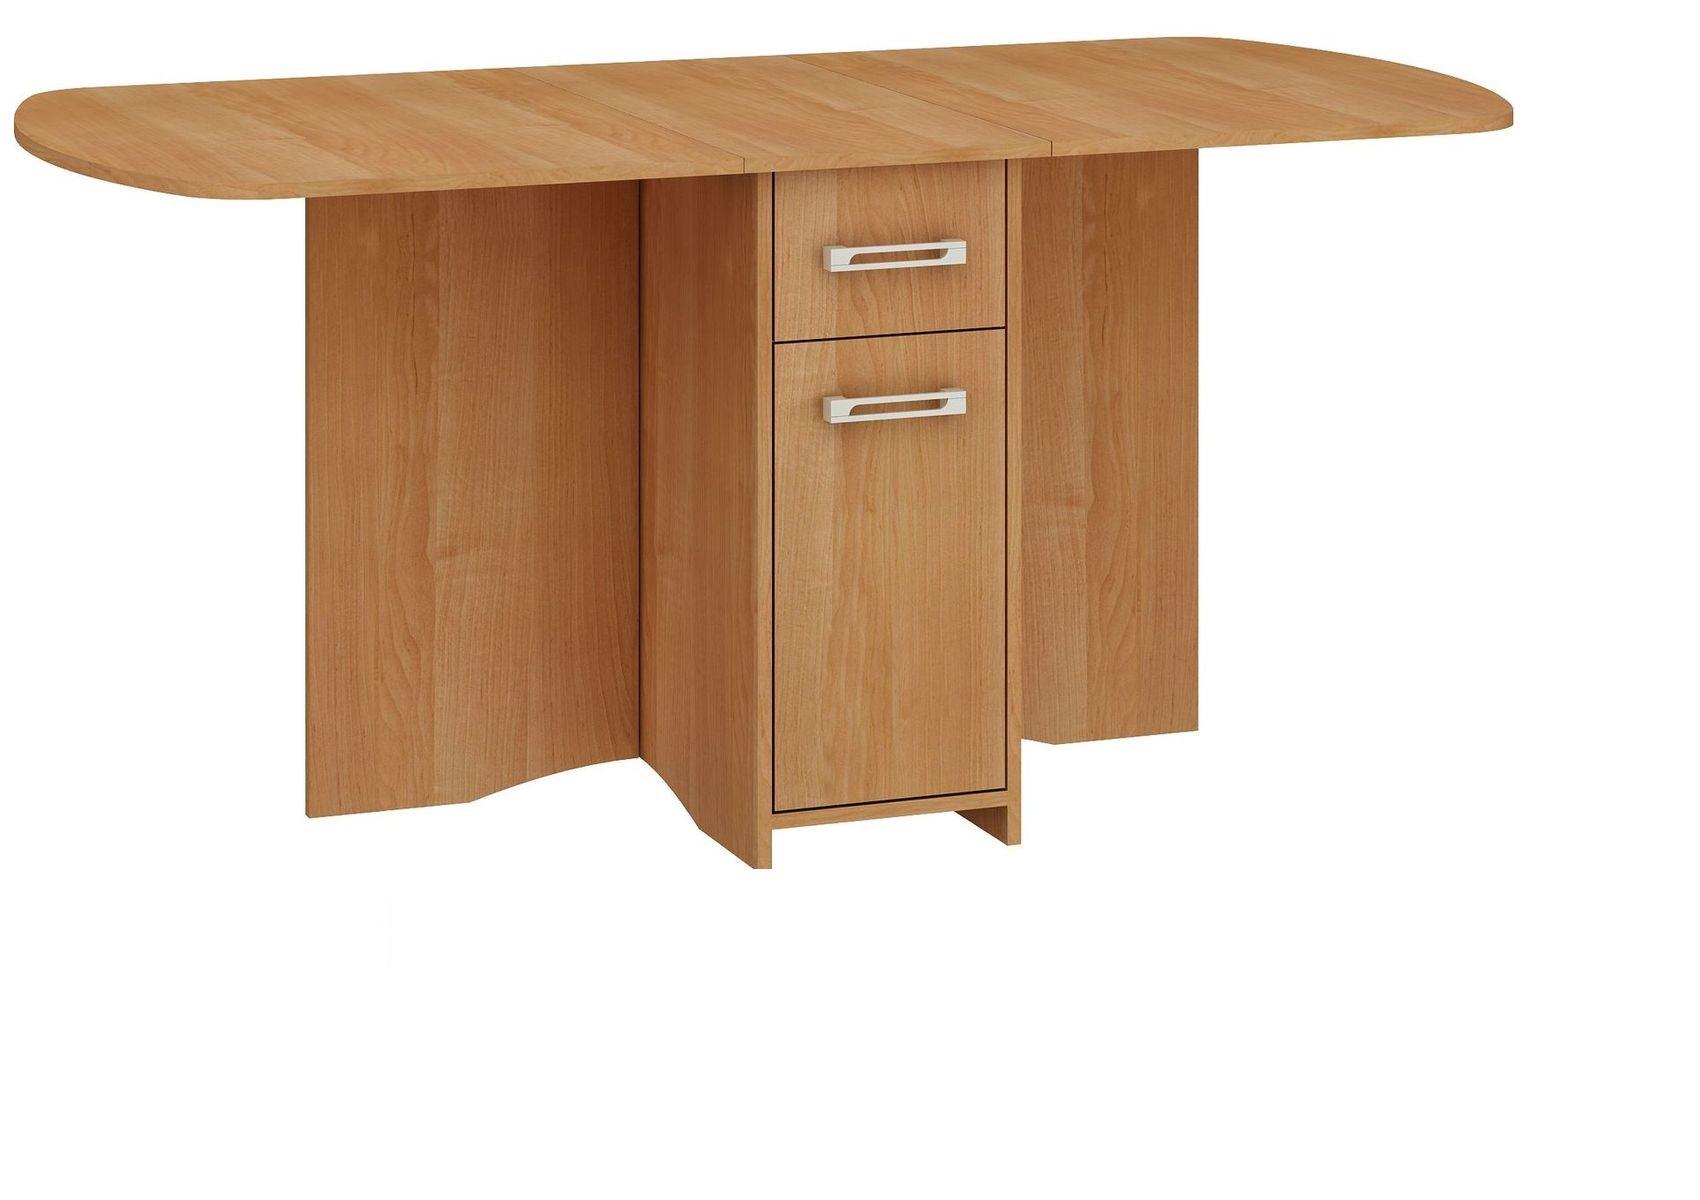 MORAVIA FLAT Skládací jídelní stůl EXPERT X, barva: